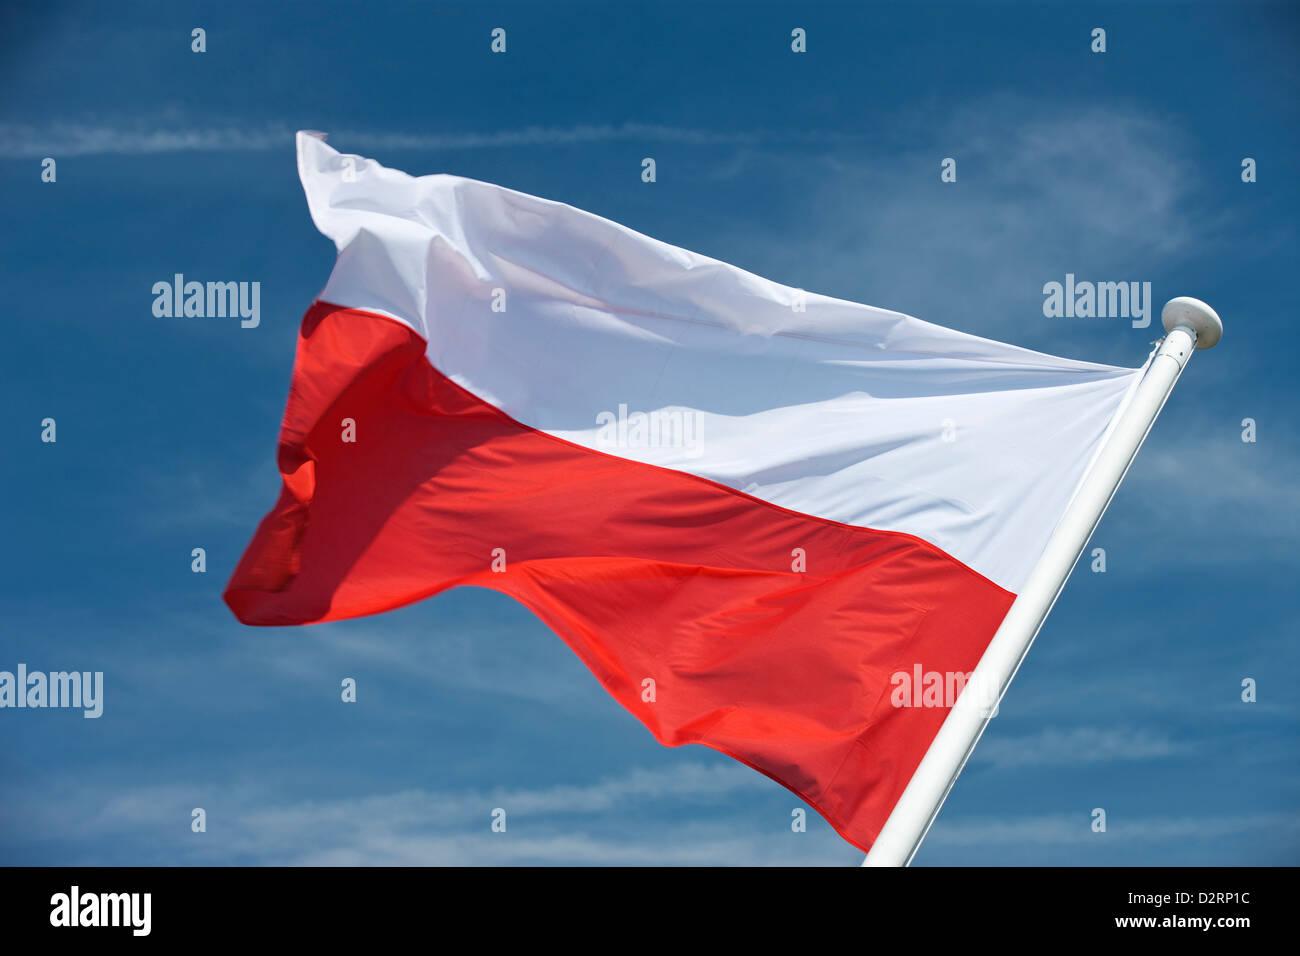 POLISH FLAG FLYING ON FLAGPOLE - Stock Image